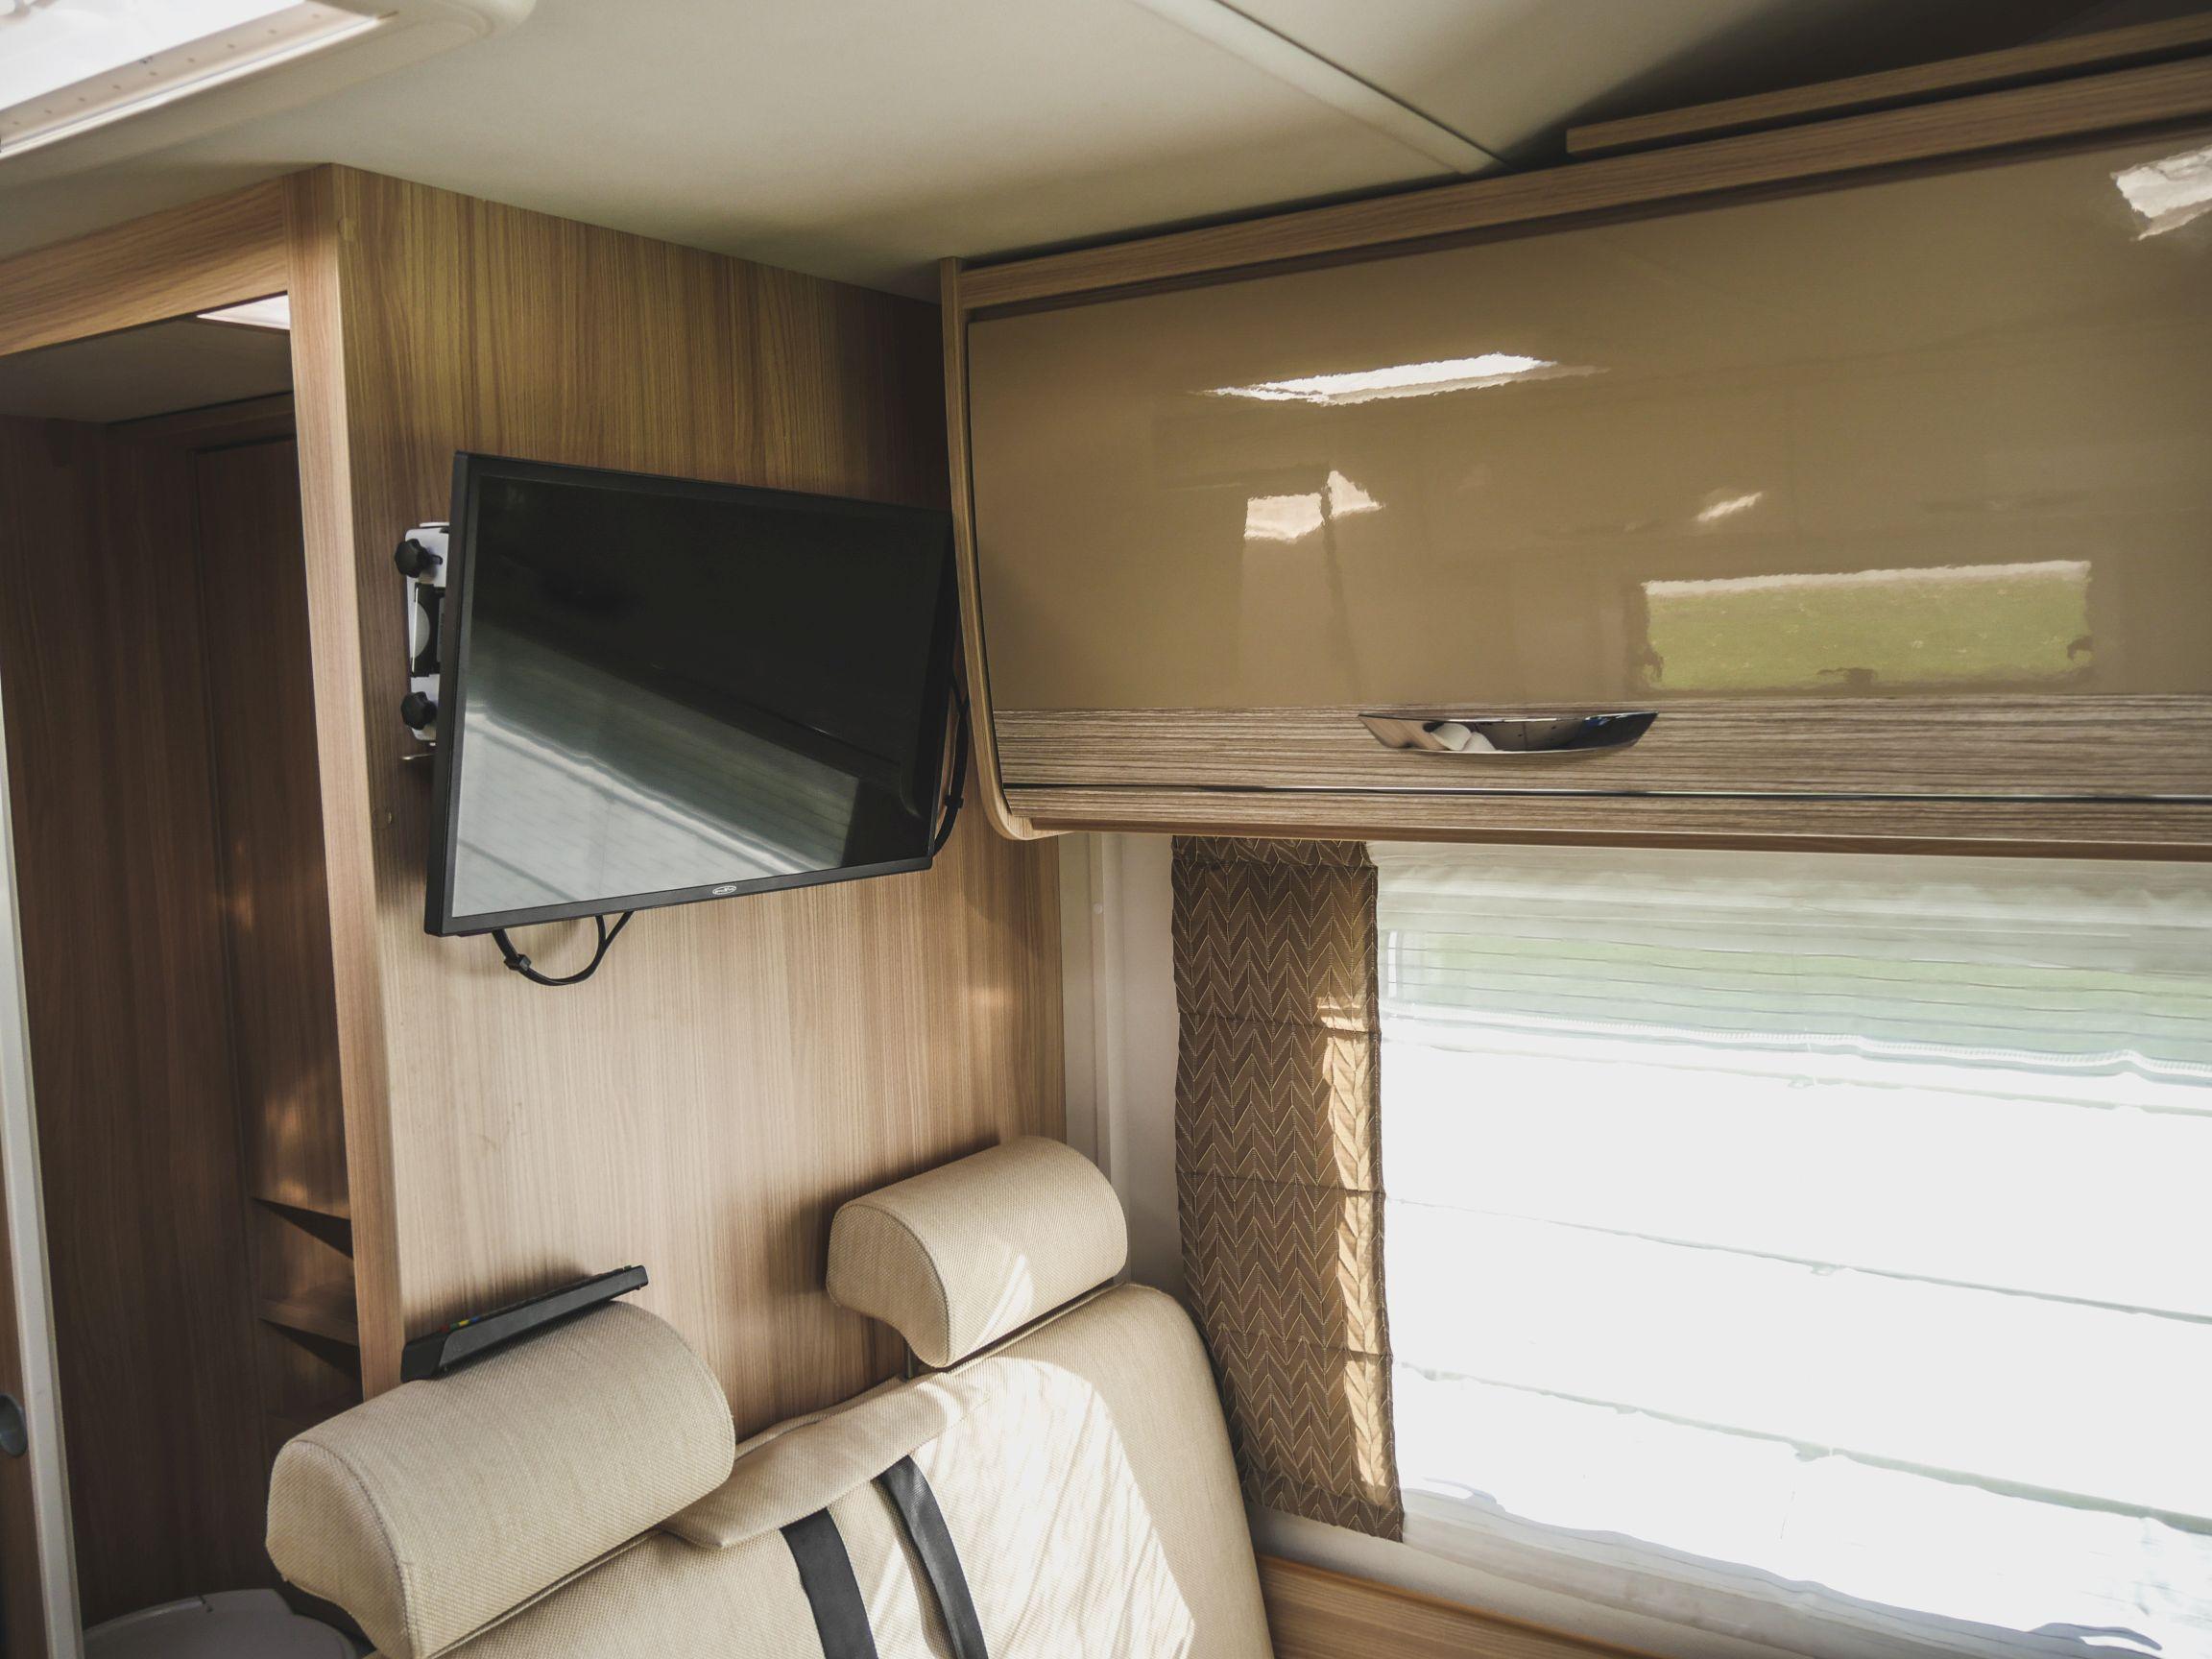 Bürstner A 660 interiér TV a úložný prostor